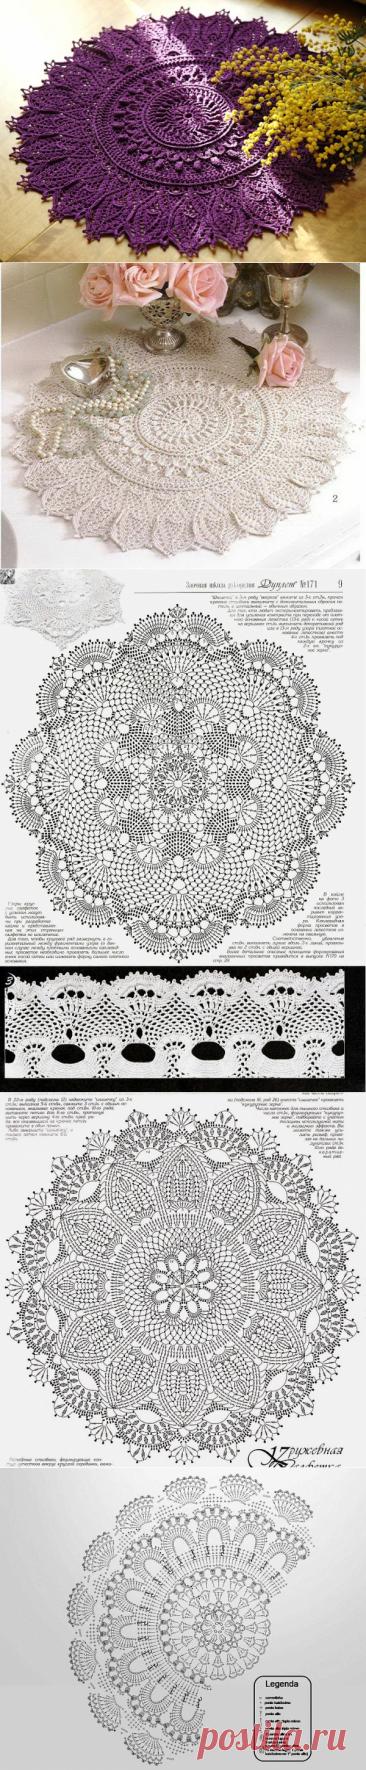 Вязаные салфетки крючком со схемами и описанием от patricia kristoffersen